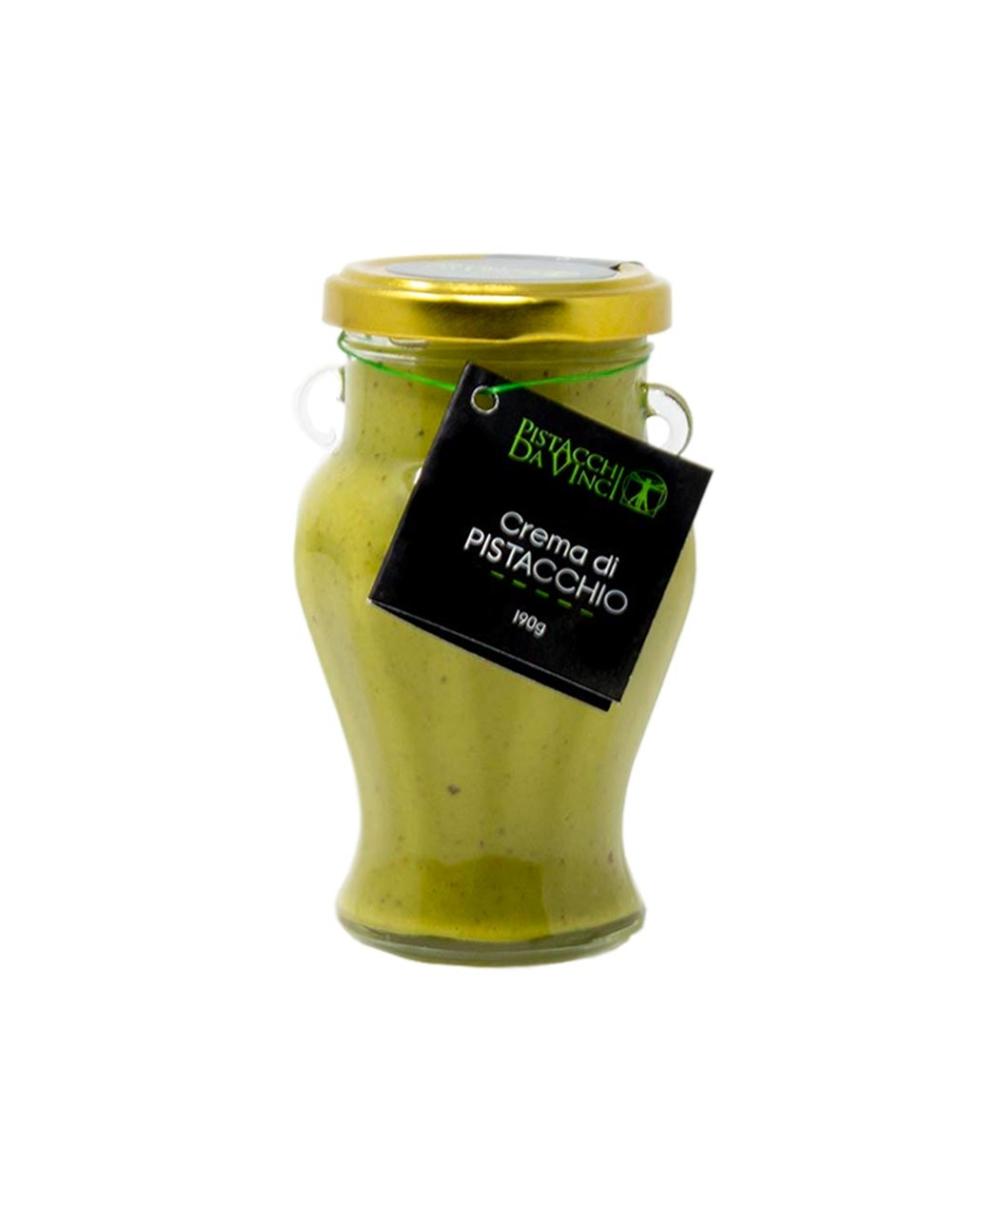 Crema di Pistacchio Anfora - Pistacchi Da Vinci Bronte